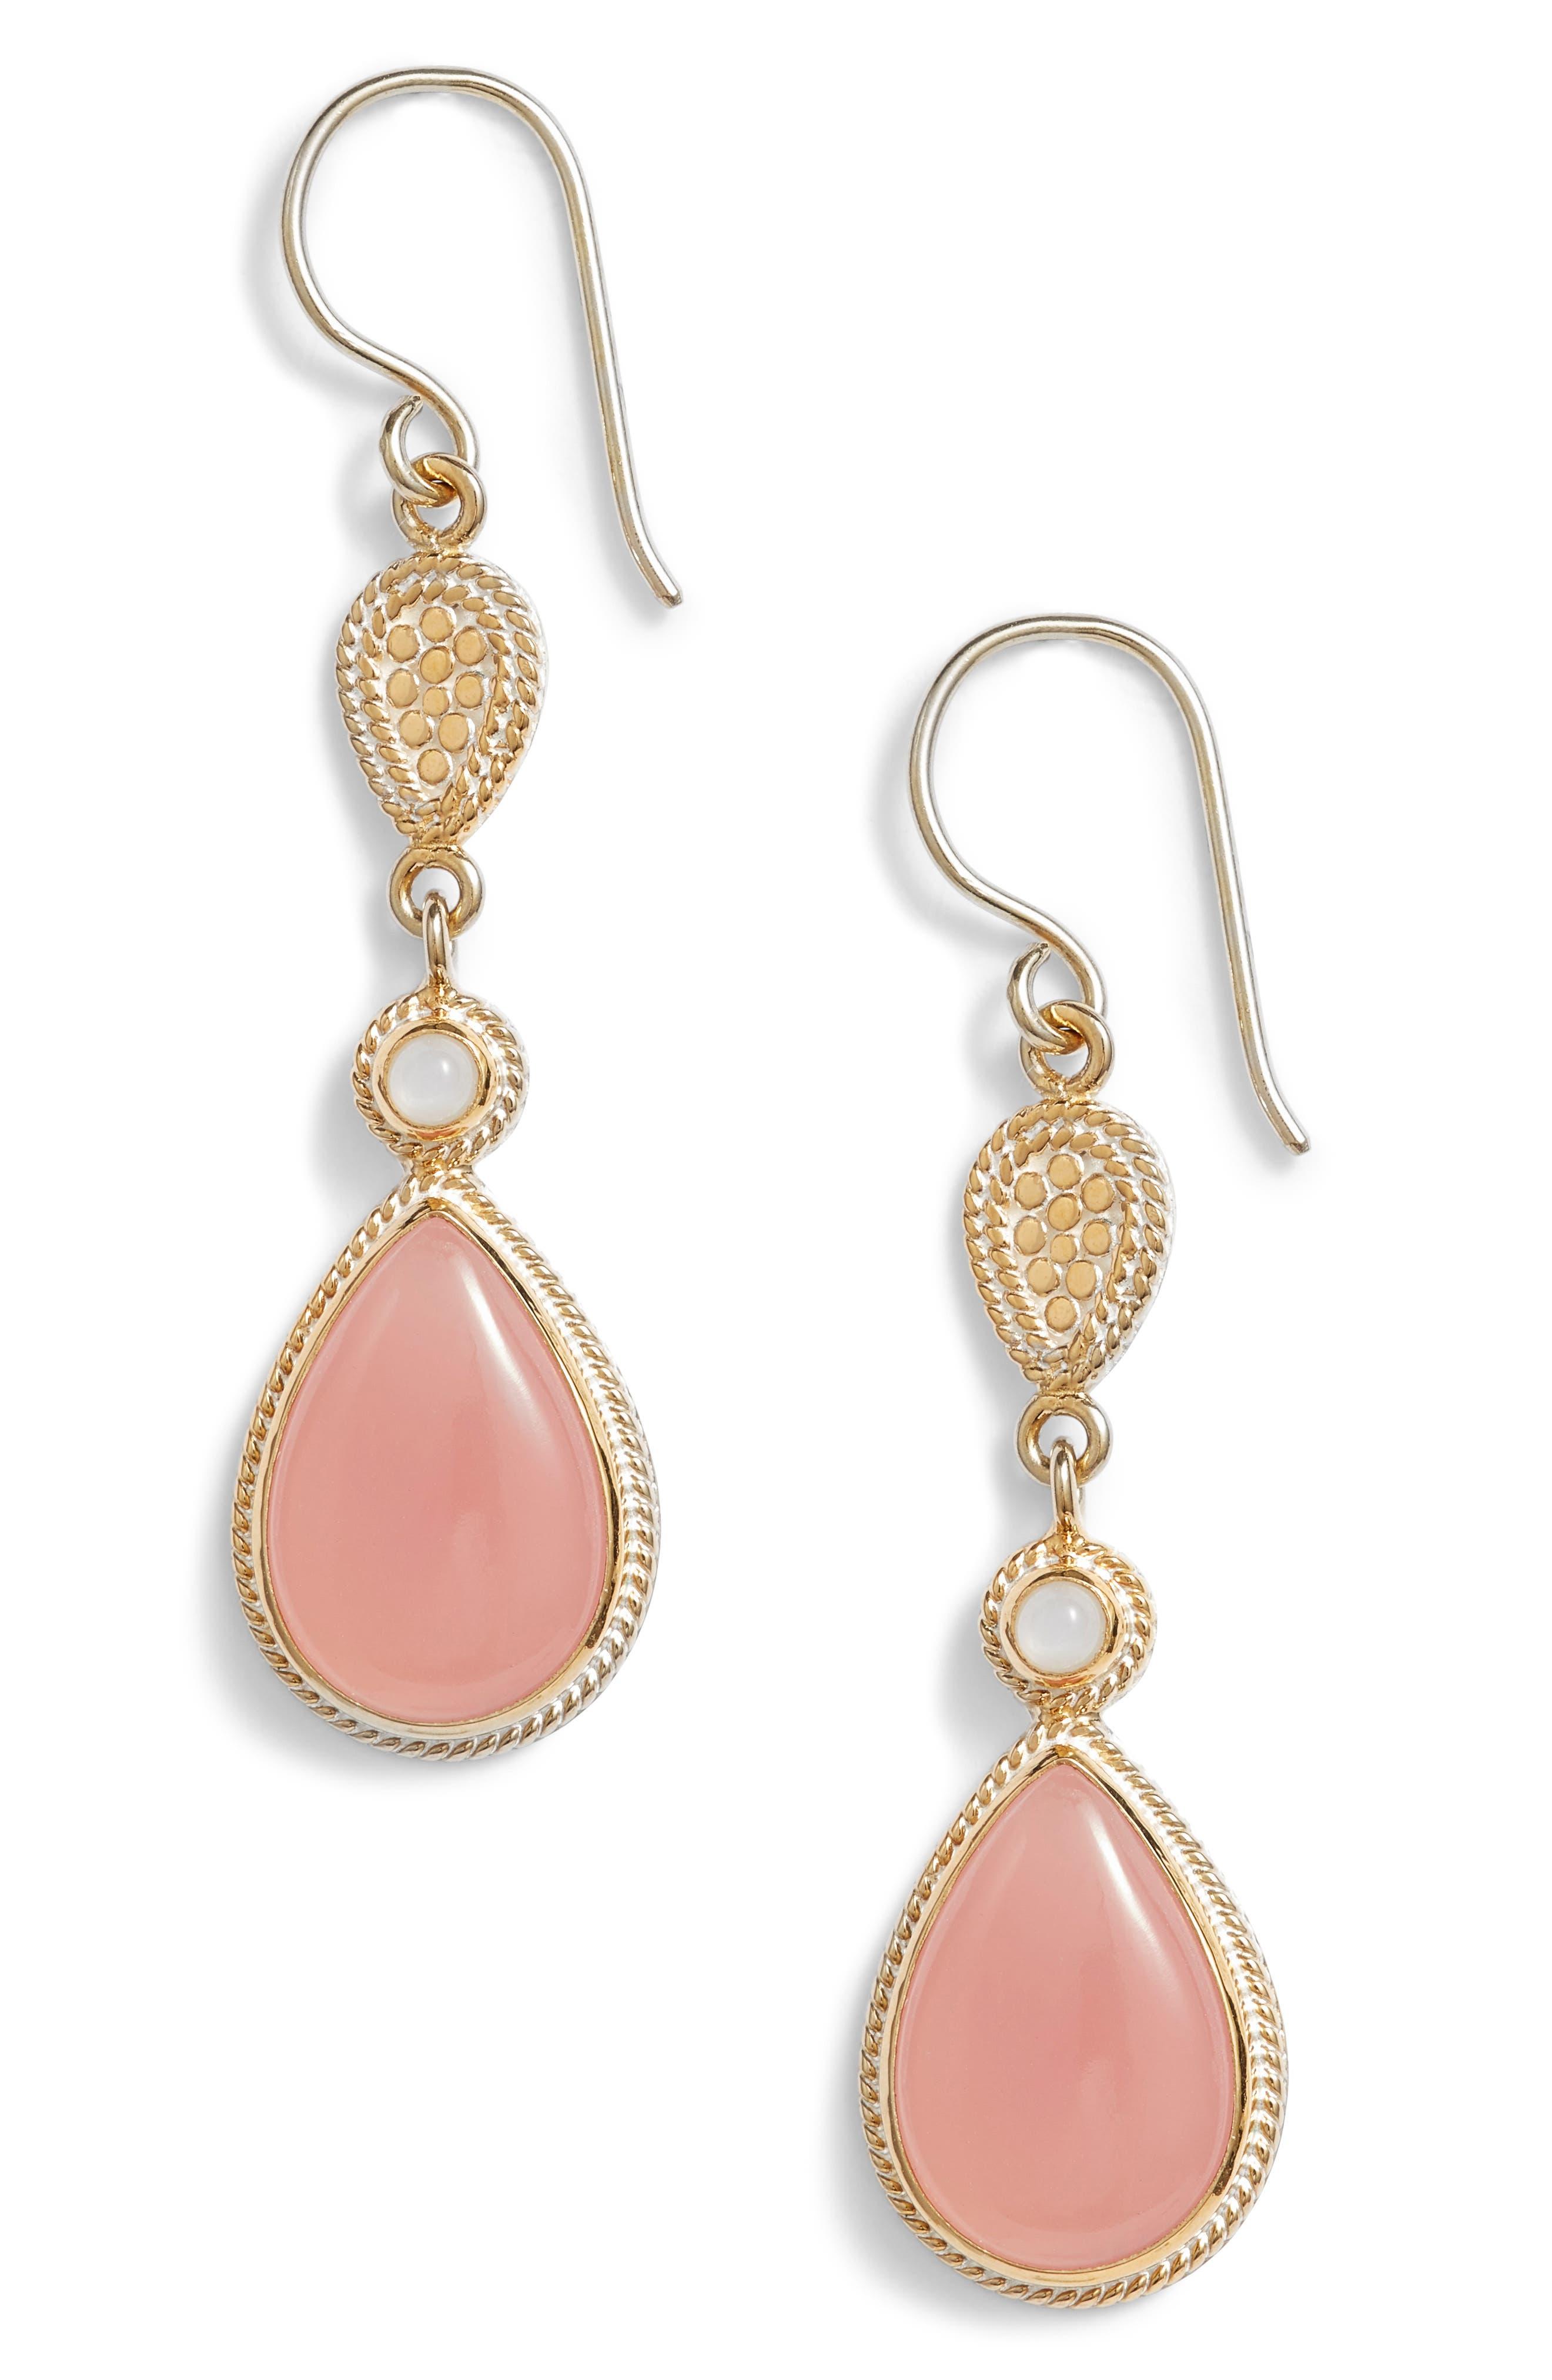 Guava Quartz & Moonstone Drop Earrings,                         Main,                         color, Gold/ Guava/ Moonstone